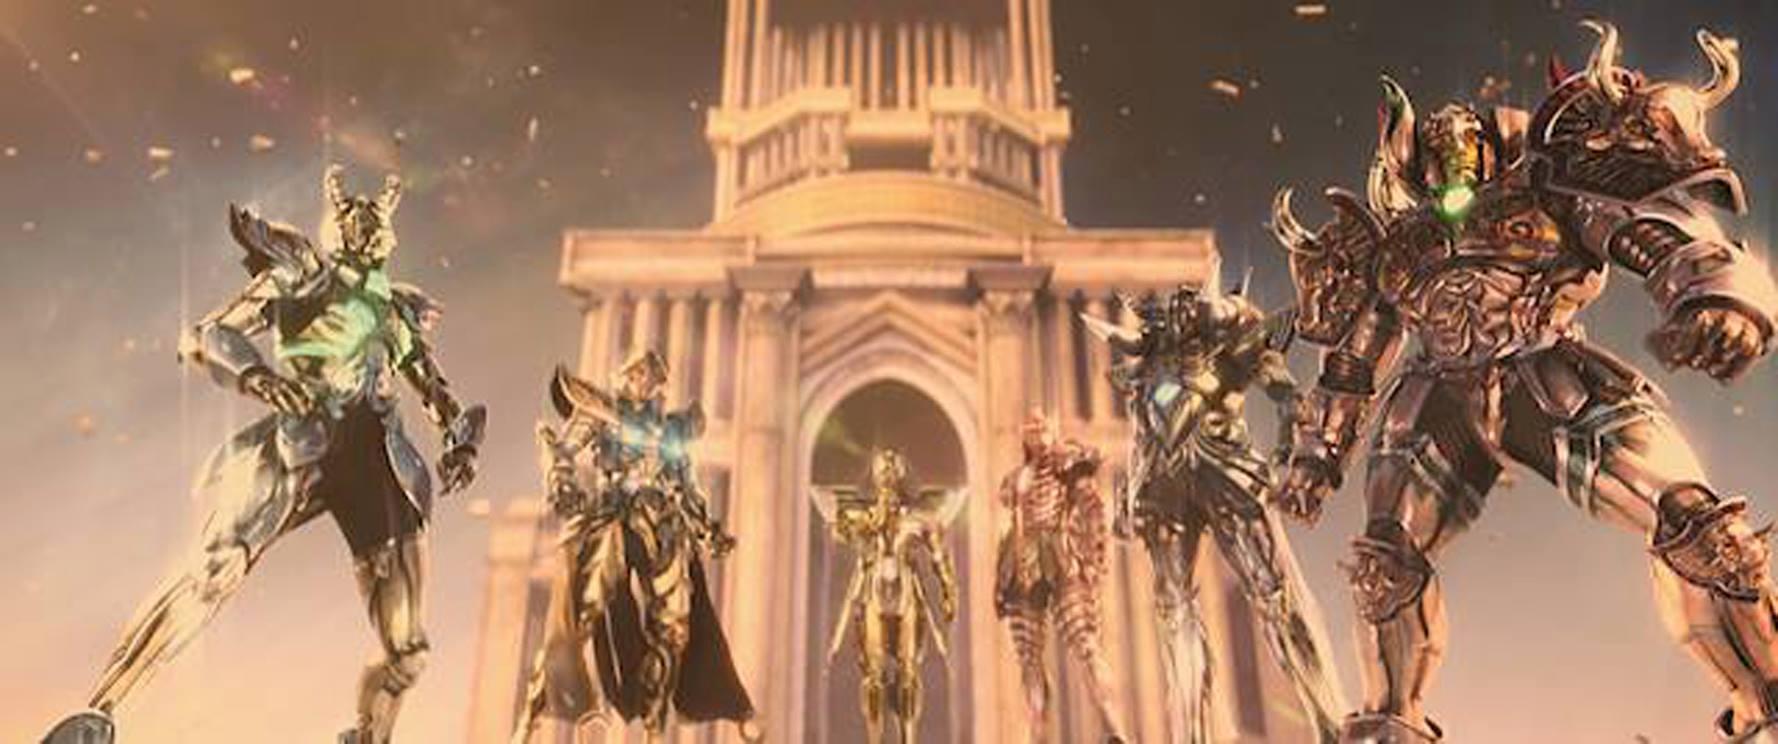 Imagem de 17 fatos que você precisa saber sobre o novo filme de Cavaleiros do Zodíaco no site TecMundo